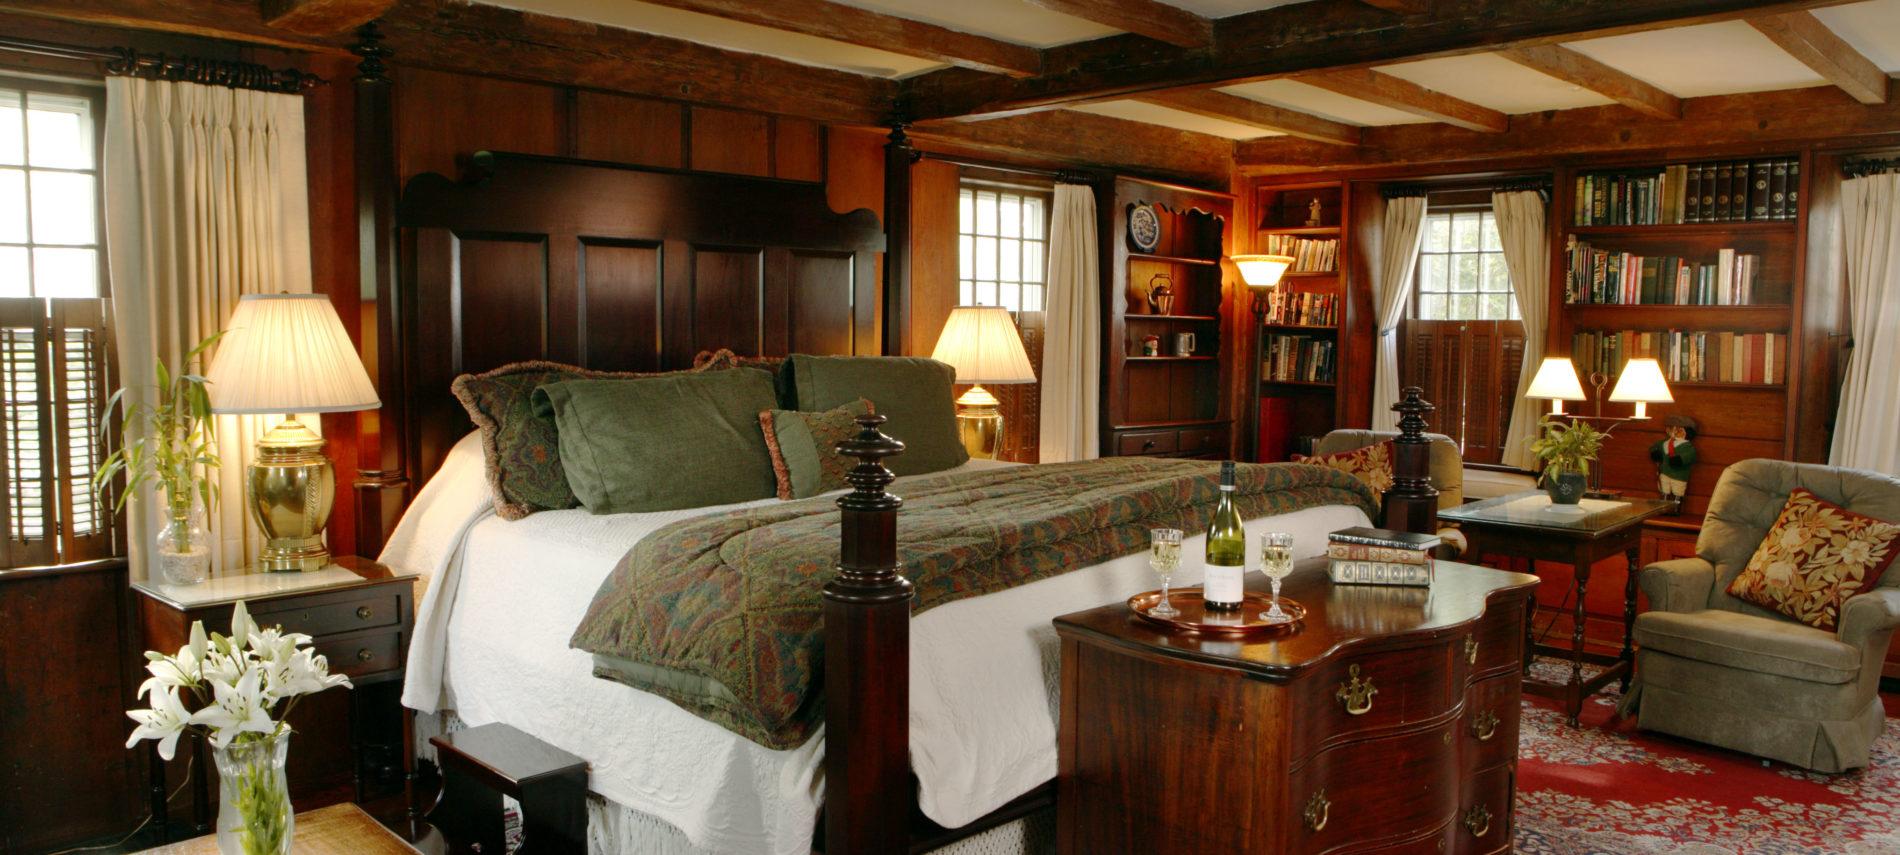 Harding Room at Captain's House Inn